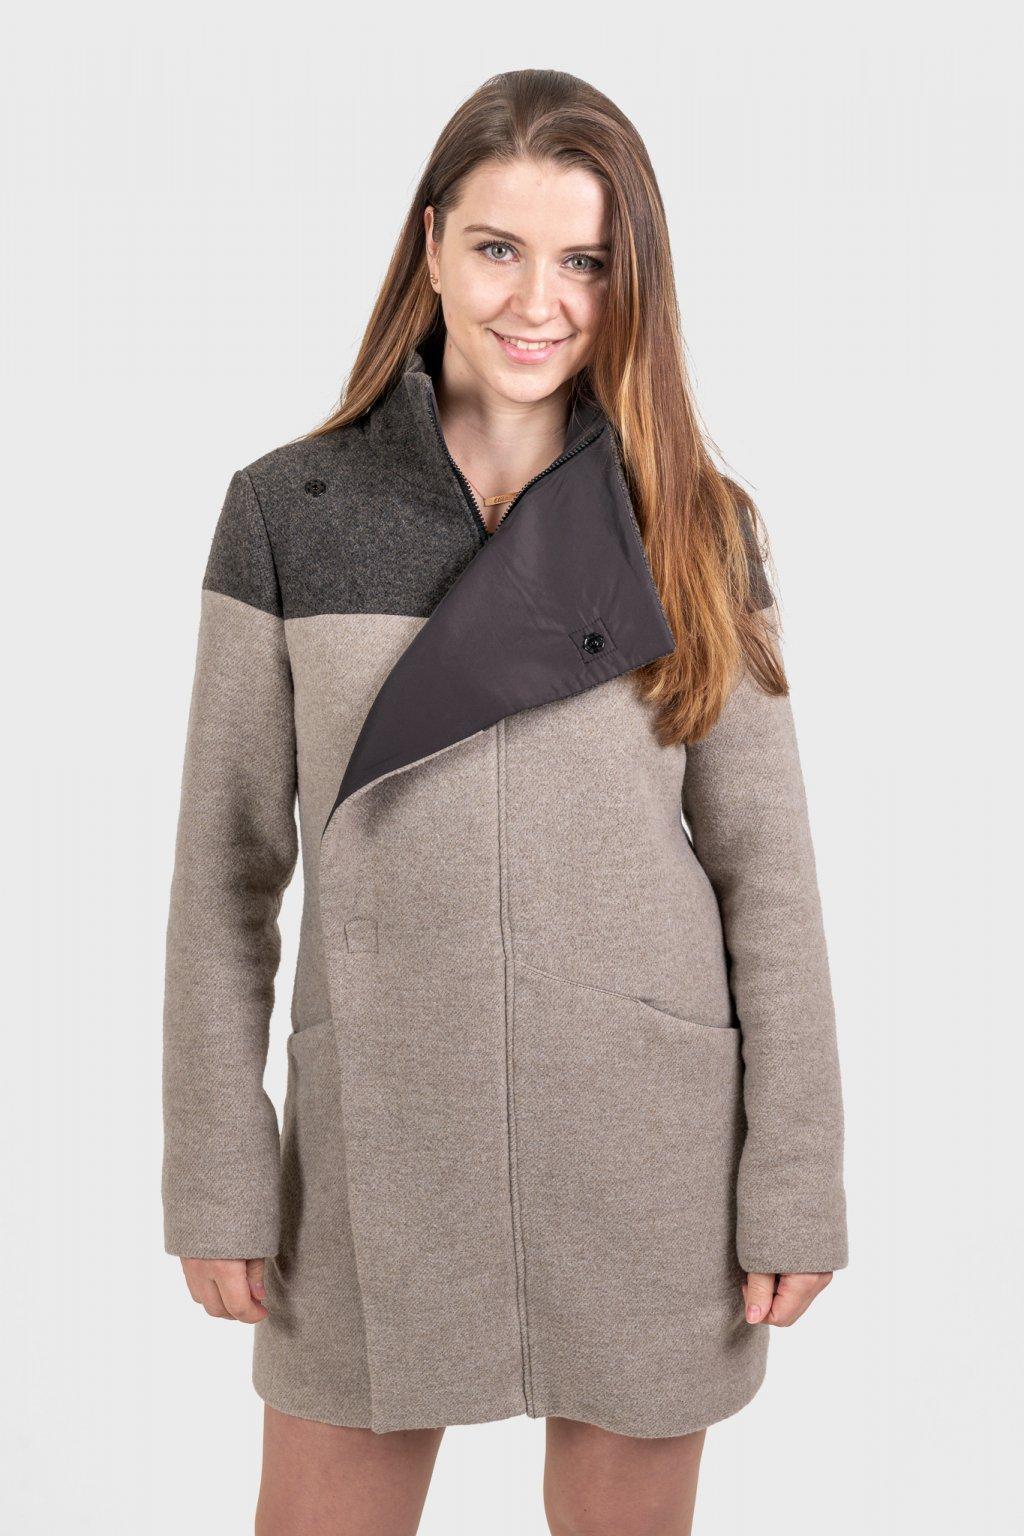 Dámský kabát vlna béžový s podšívkou légou zimní Goci